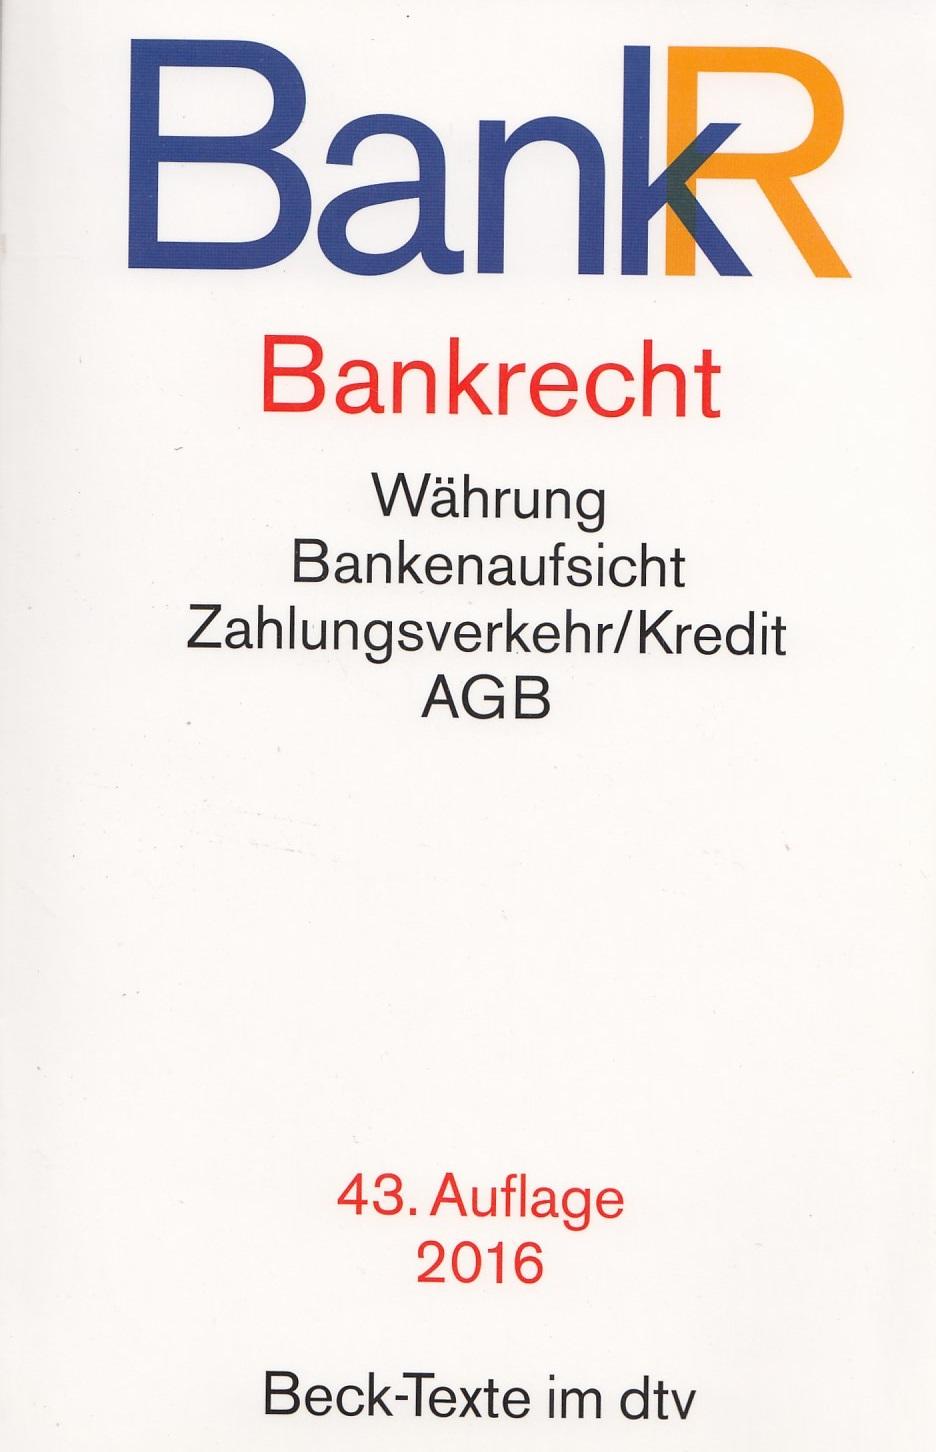 BankR - Bankrecht: Währung, Bankenaufsicht, Zahlungsverkehr/Kredit, AGB [Taschenbuch, 43. Auflage 2016]